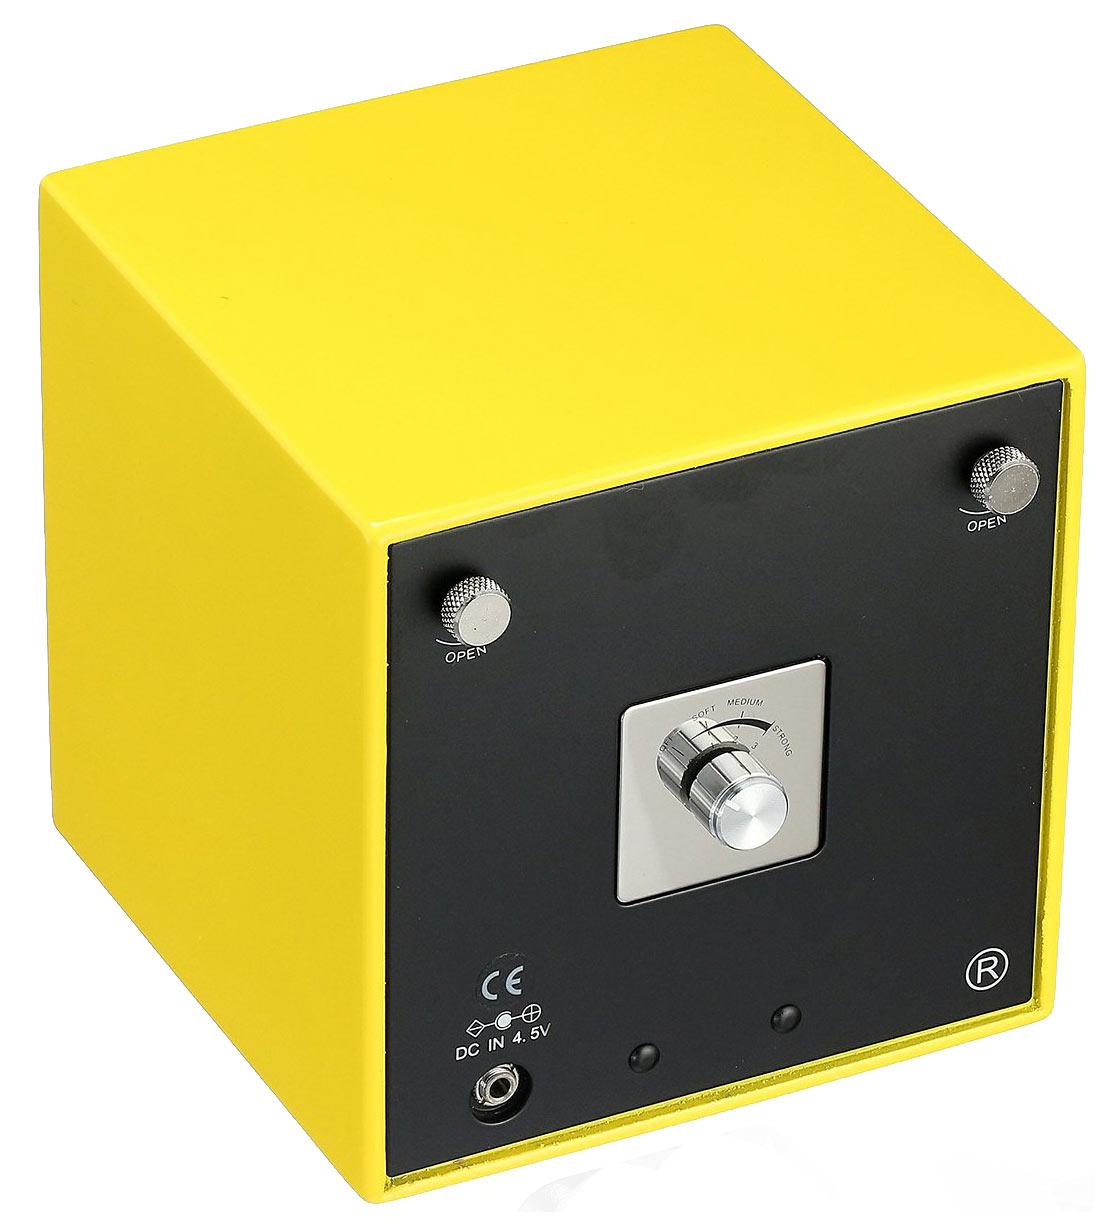 EVO11 Модуль для подзавода 1 часов, выполнен в удобной кубовидной форме. Желтого цвета.